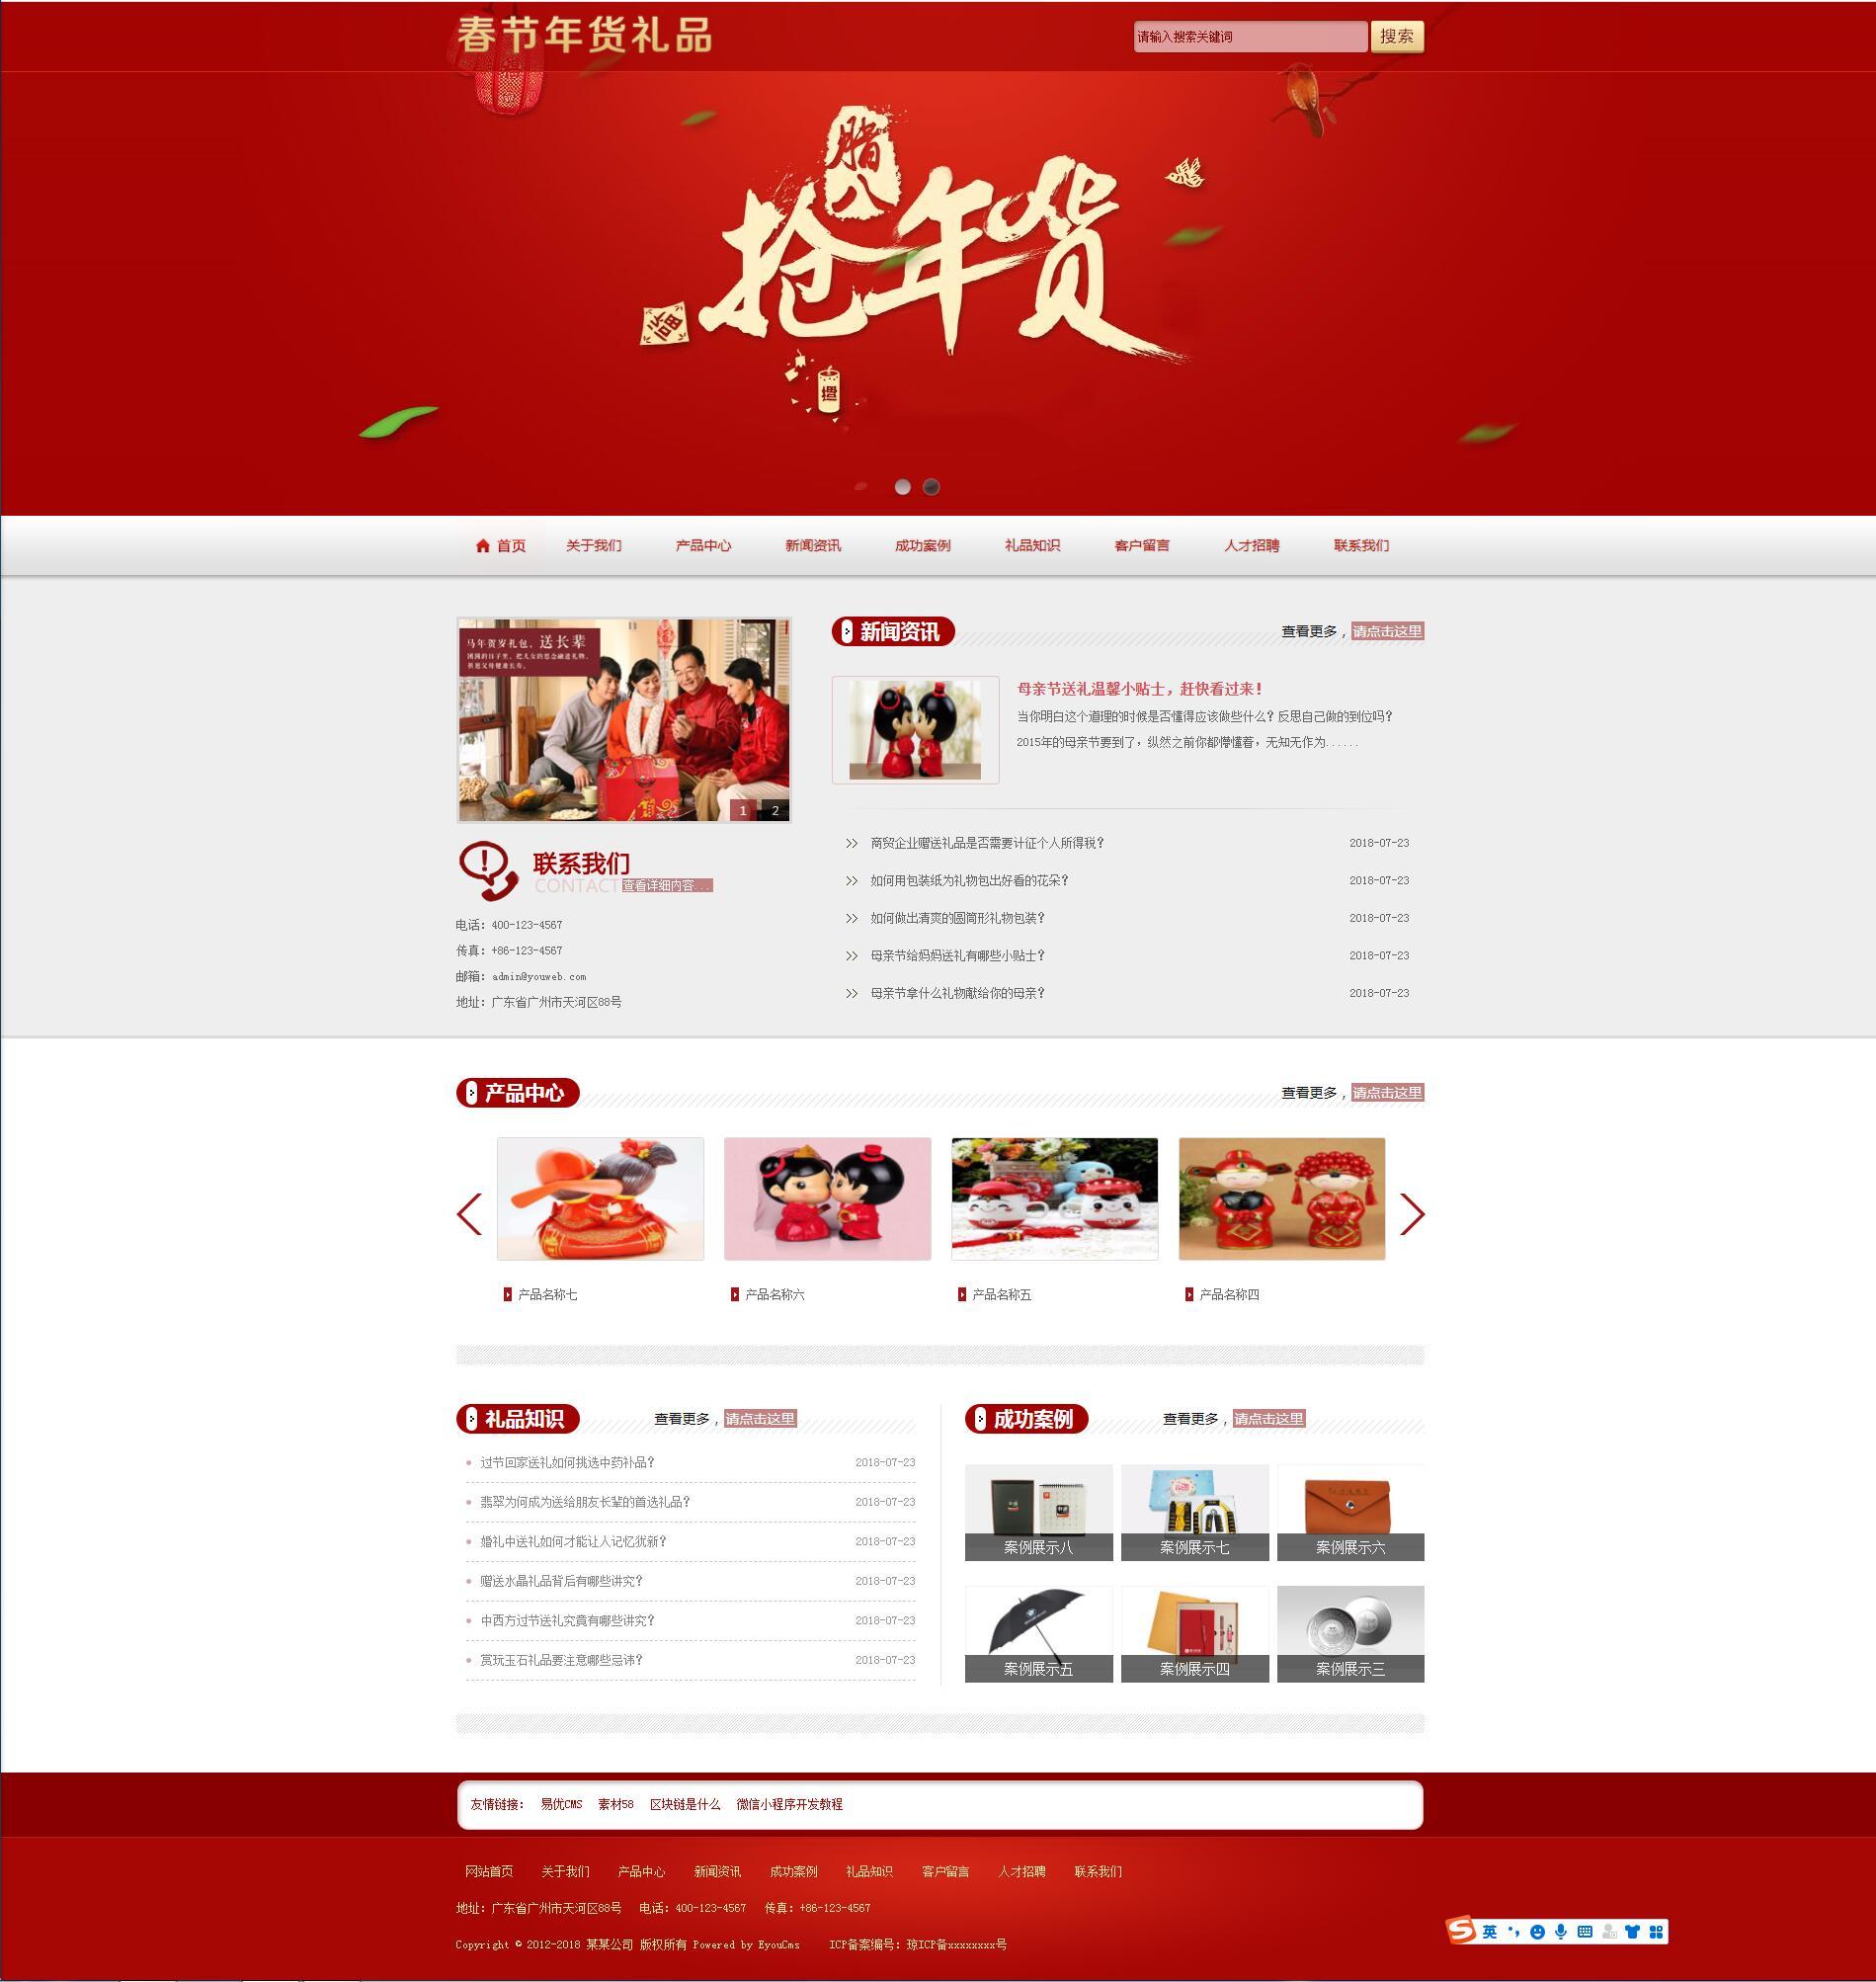 亲测丨易优CMS红色风格春节年货礼品订制公司企业网站模板源码下载